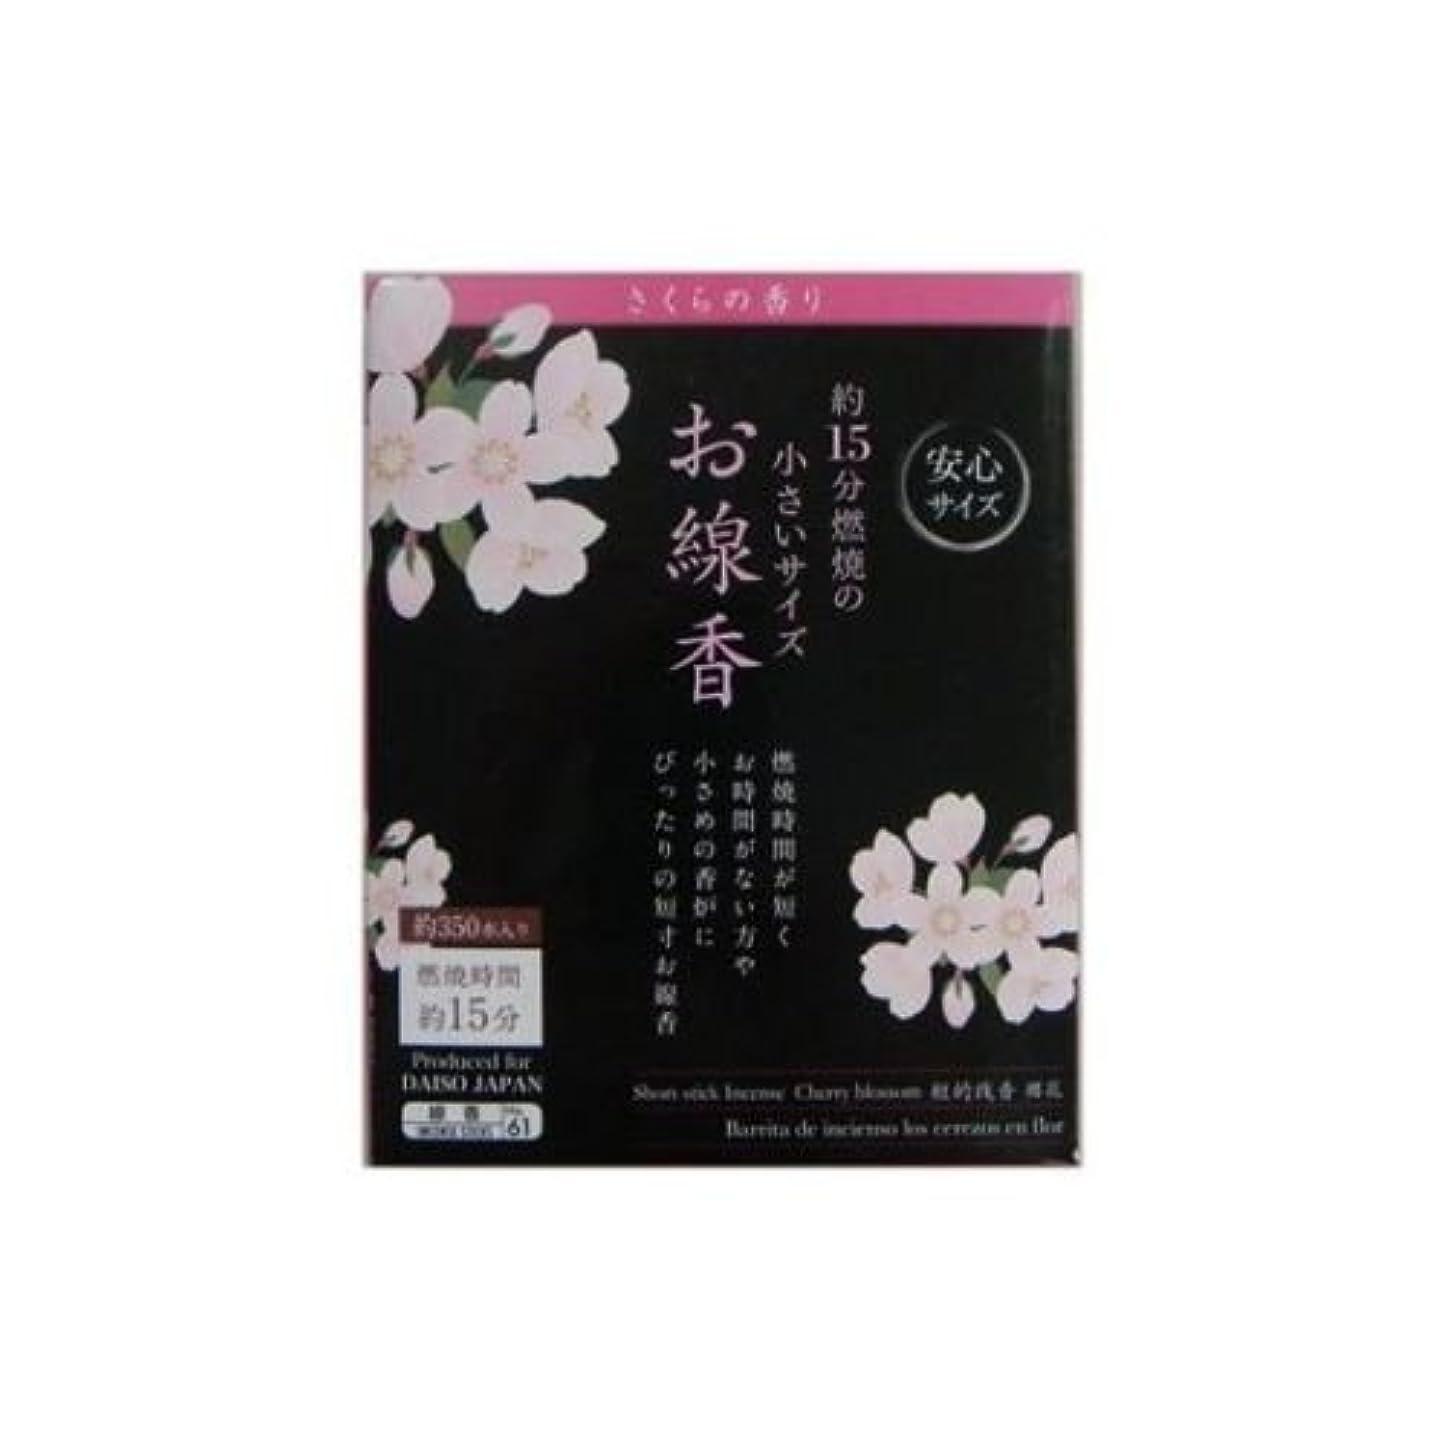 拘束曲げる矛盾Daiso Senko Japanese Incense桜ショートスティック9 cm-15min / 350 sticks